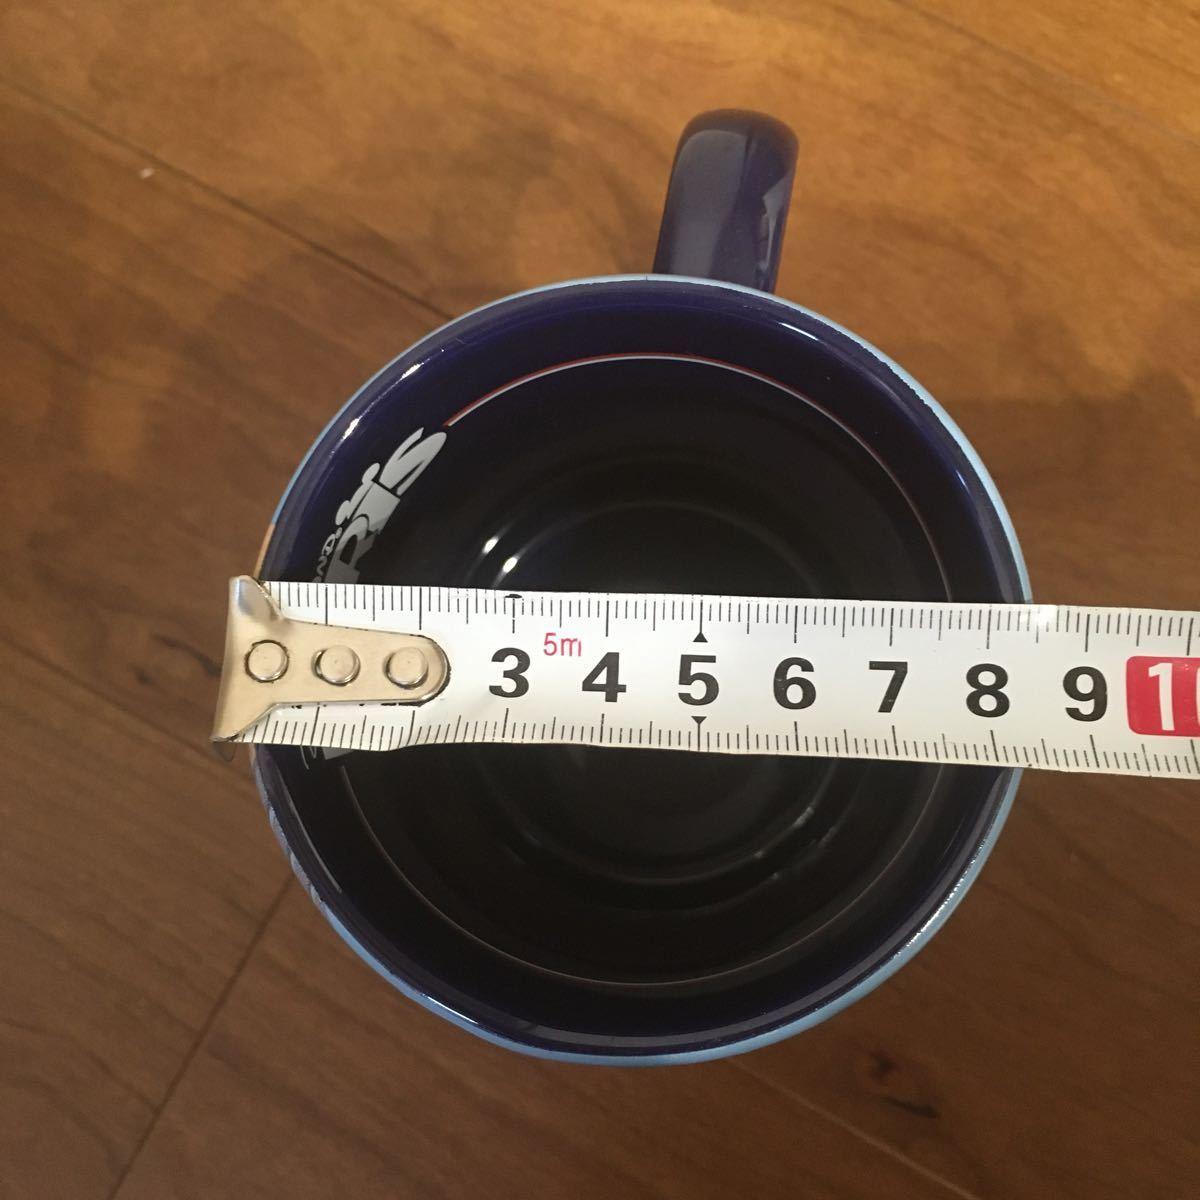 新品 未使用 パリ限定 ディズニーランド パリ PARIS マグカップ ビックサイズ ミッキー ミニー エッフェル塔 ダッフィ ロゴ入り ラメ_画像8